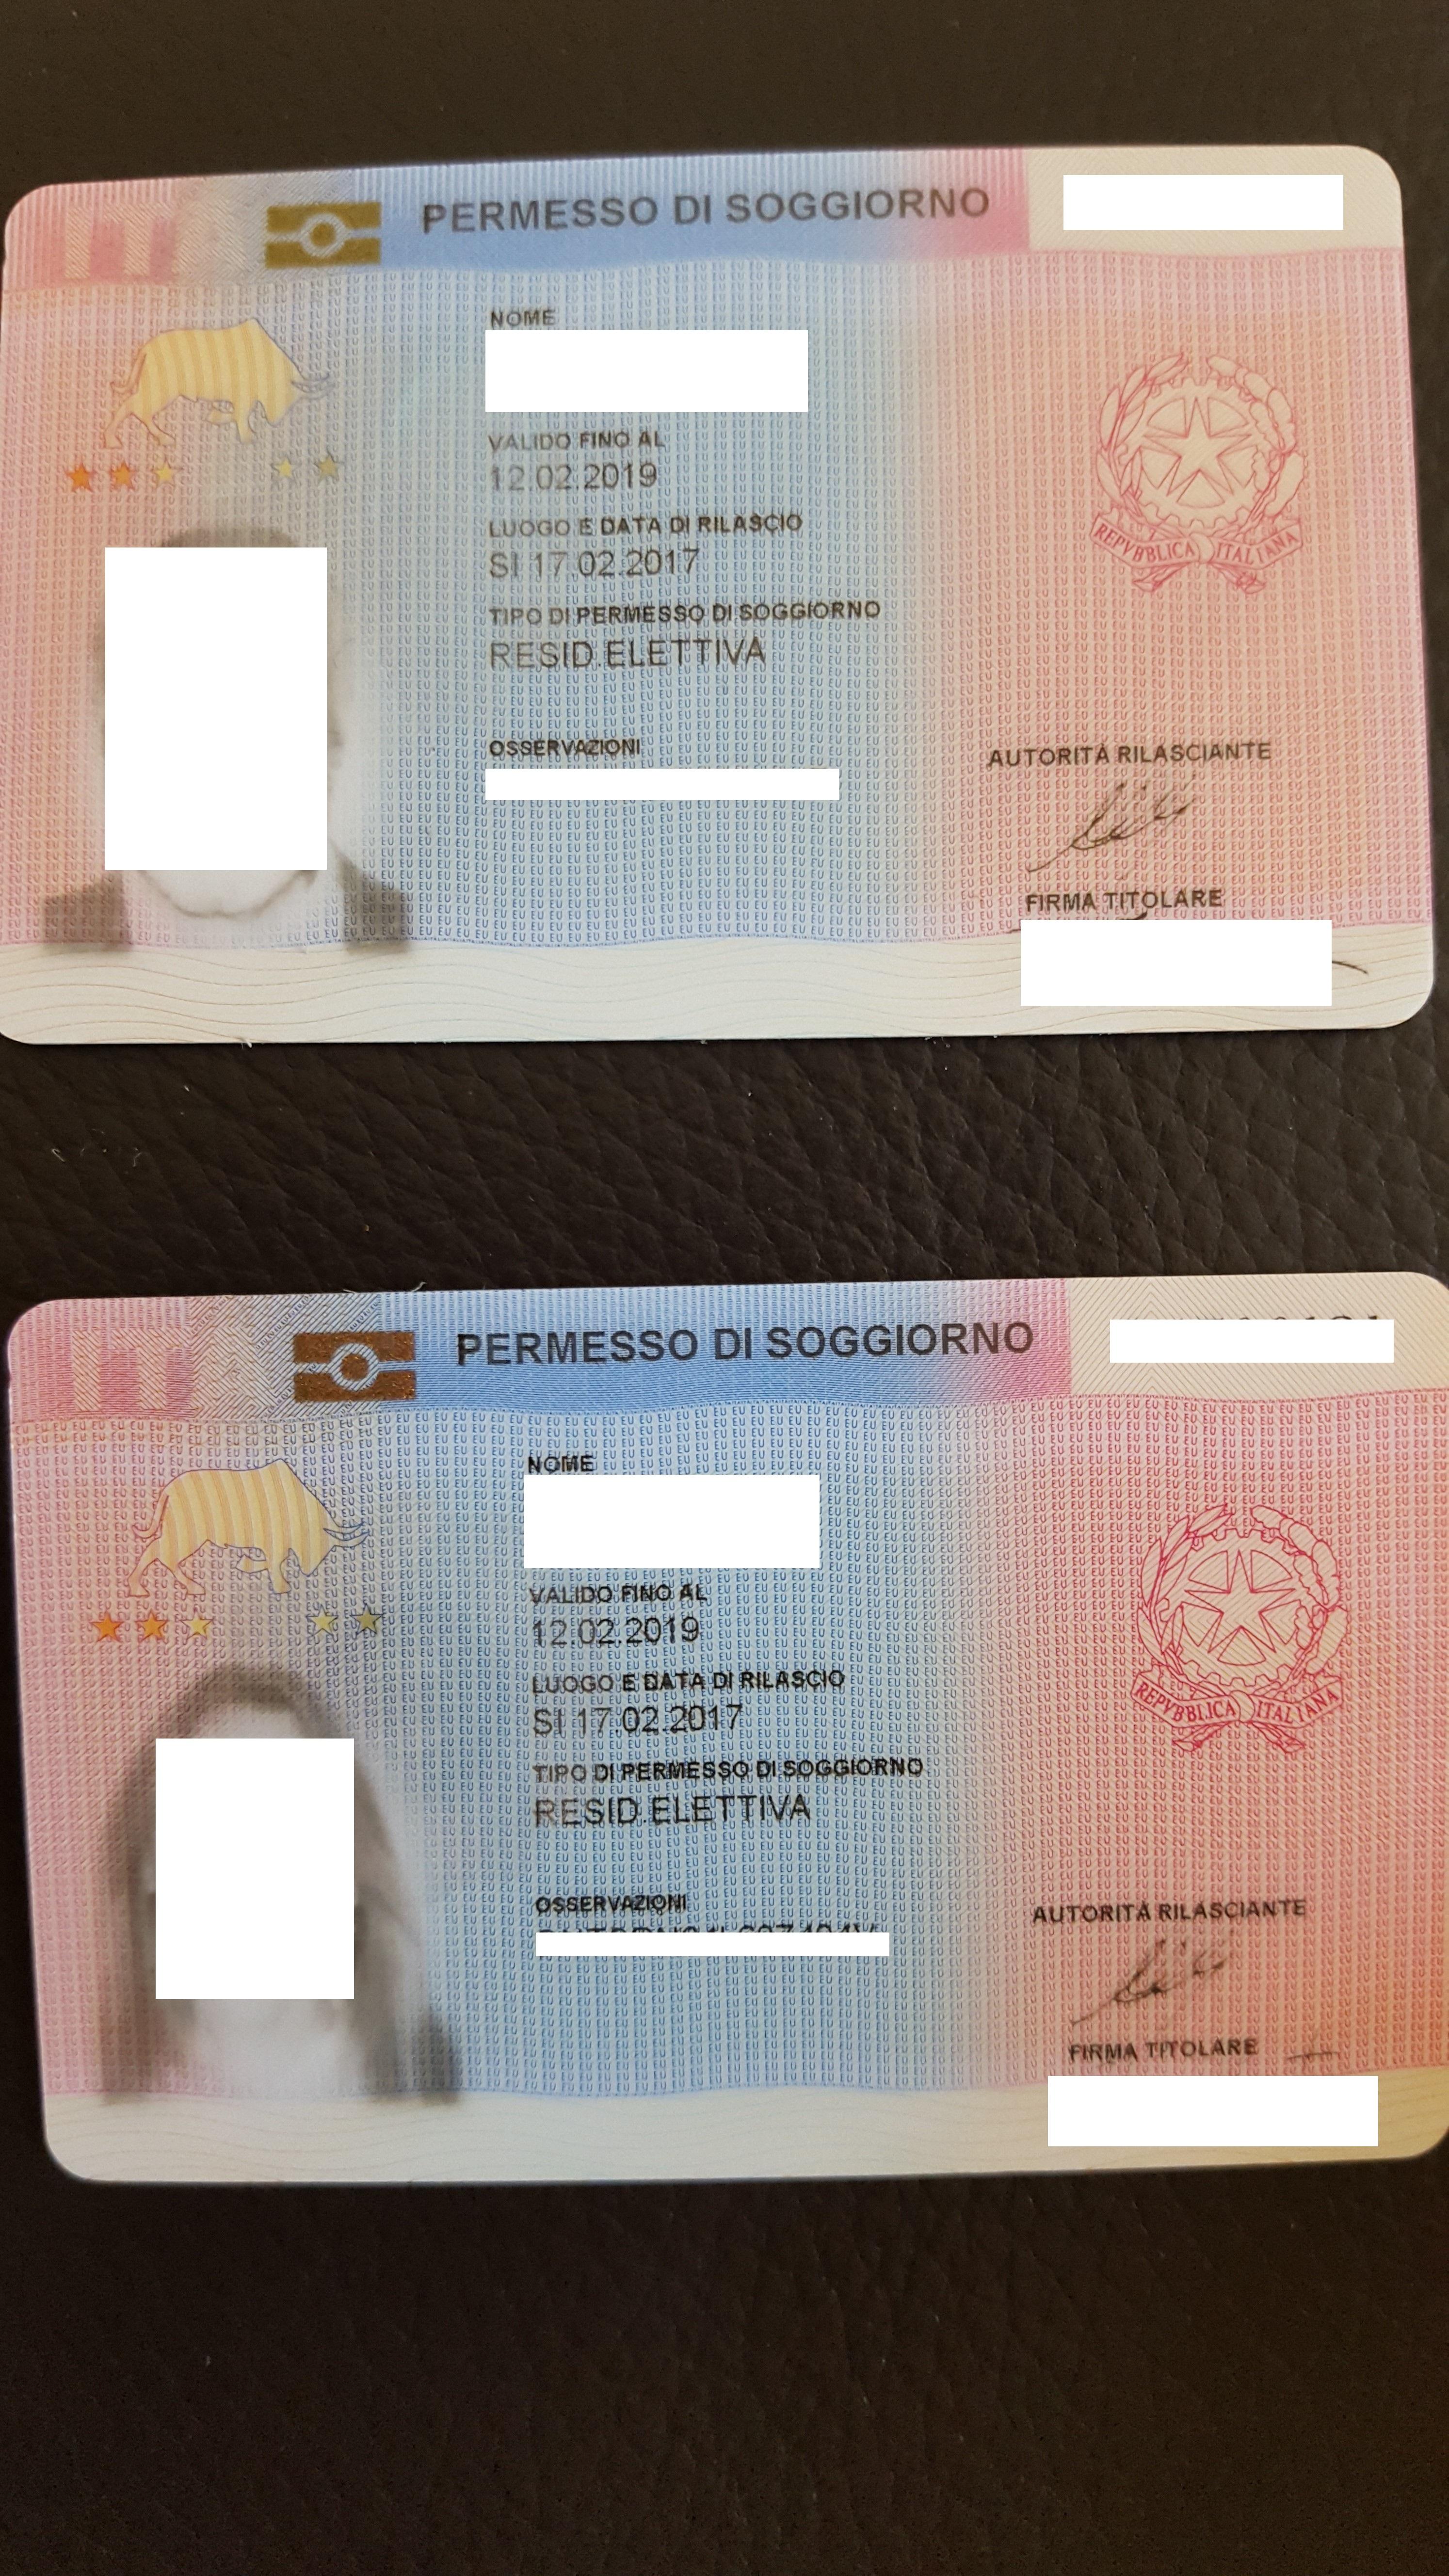 ITALIAN PERMIT TO STAY (Permesso di soggiorno) - Studio Legale Metta